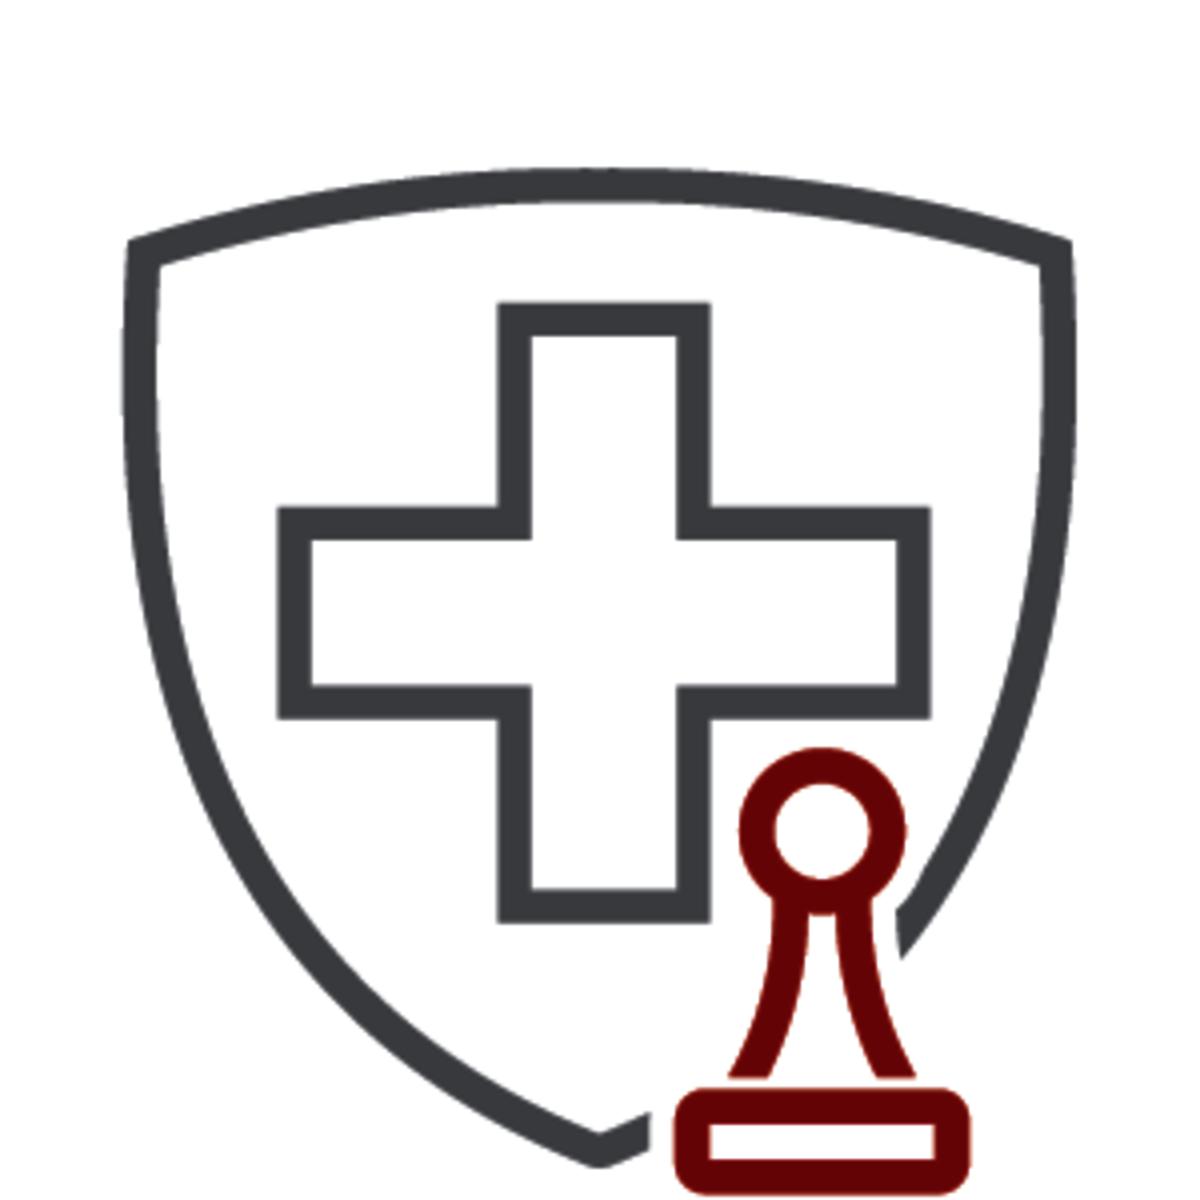 LT Lawtank - Traducciones certificadas - Cancillería Federal suiza